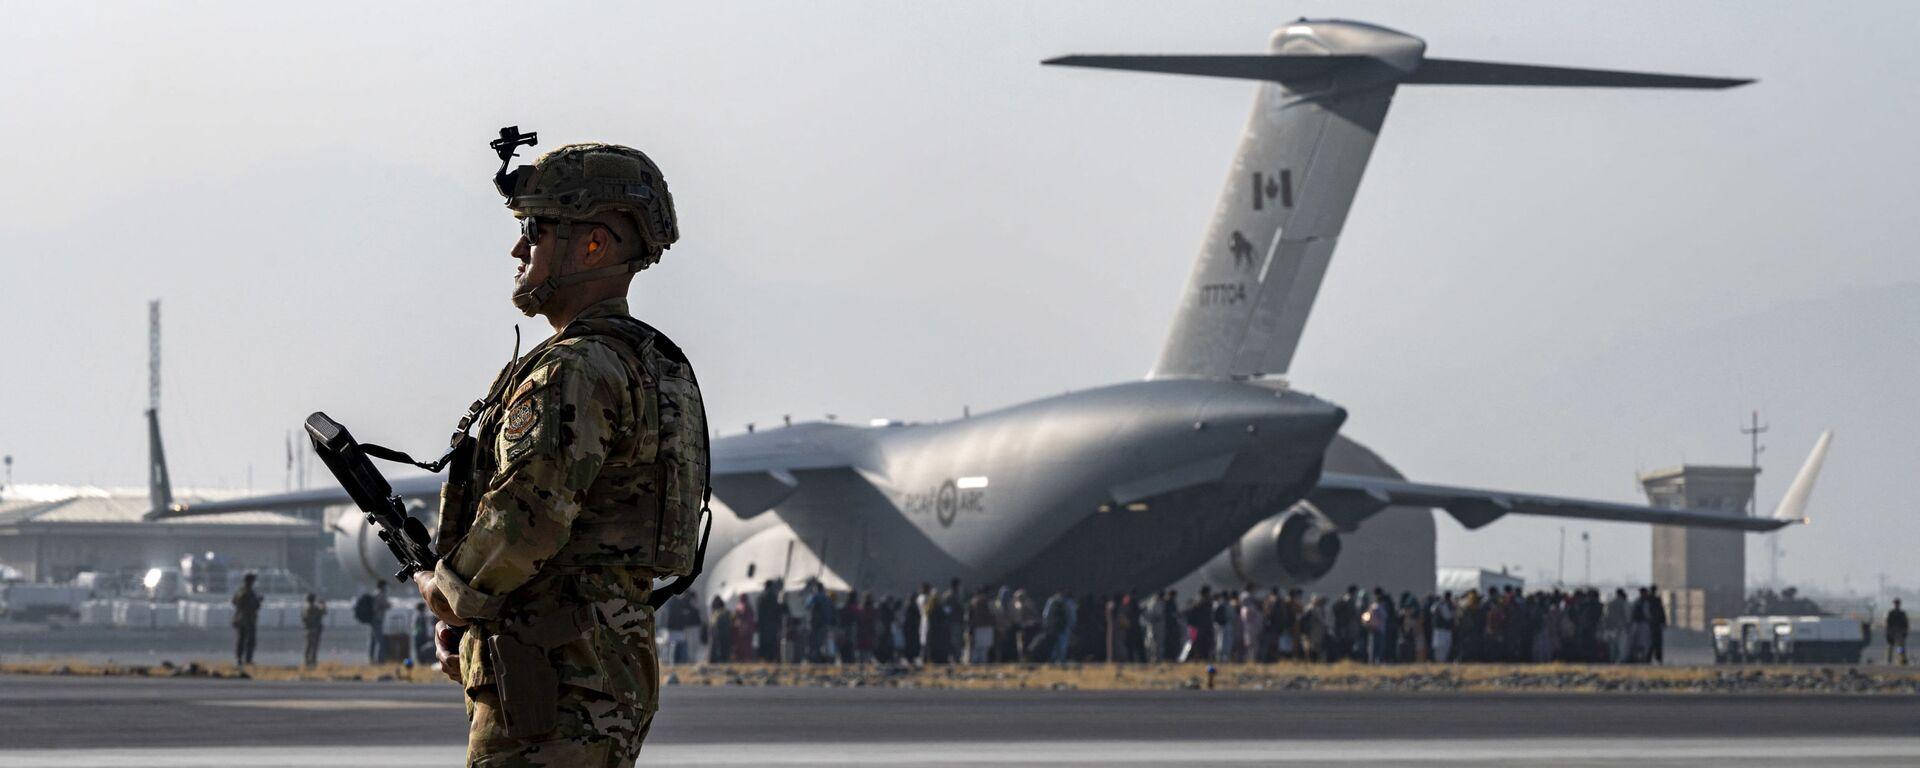 Quân nhân Mỹ tại sân bay Kabul. - Sputnik Việt Nam, 1920, 23.08.2021